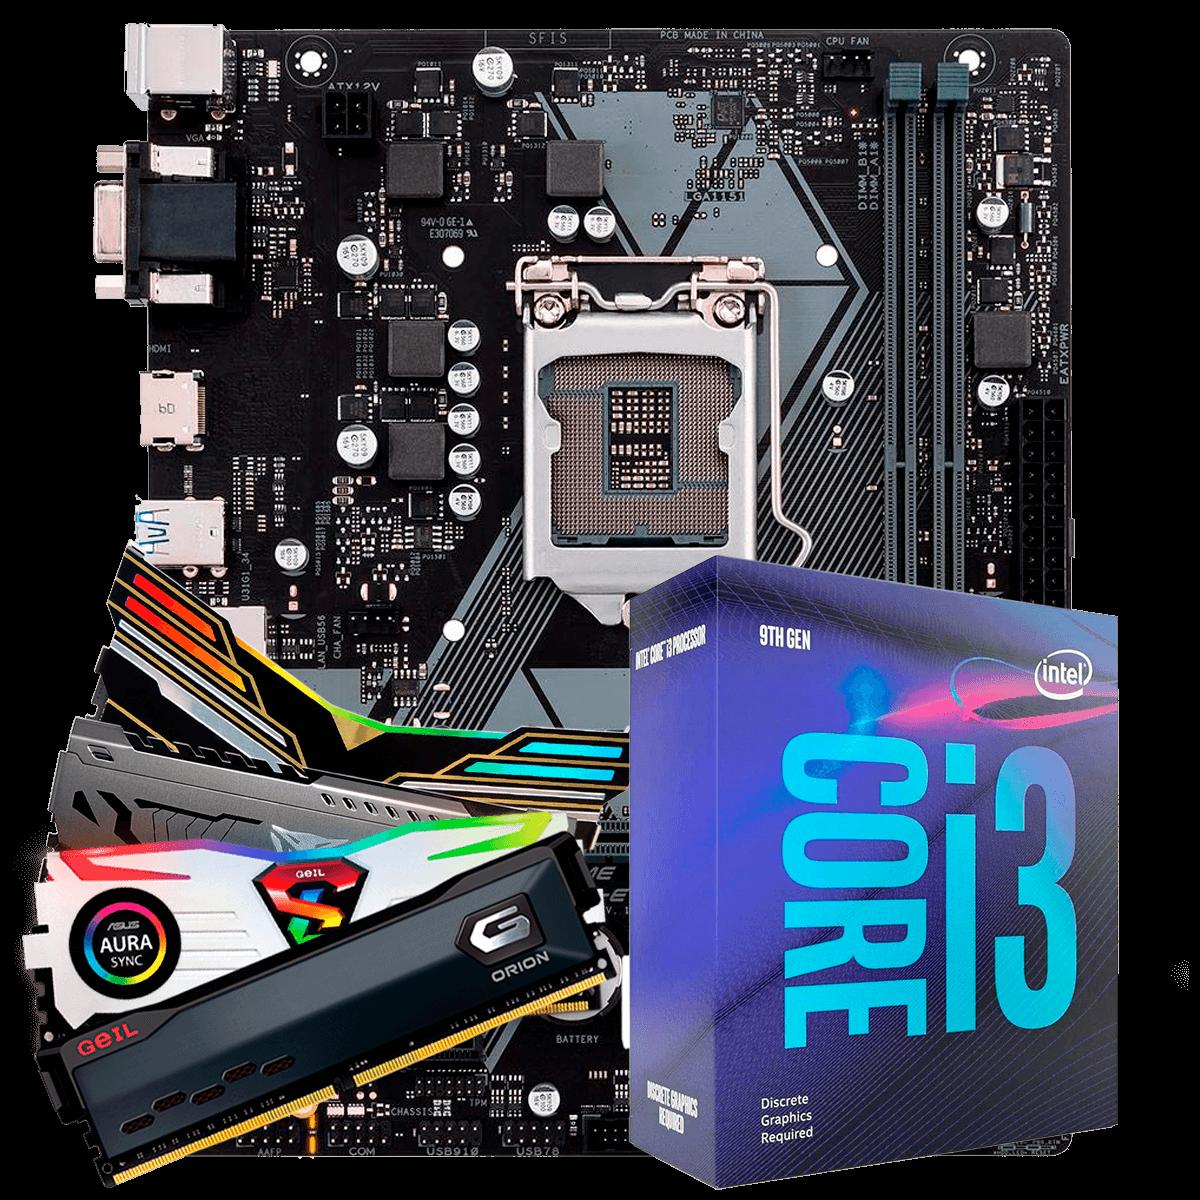 Kit Upgrade, Intel Core i3 9100F, Asus Prime H310M-E, Memória RAM 8GB 3000MHz